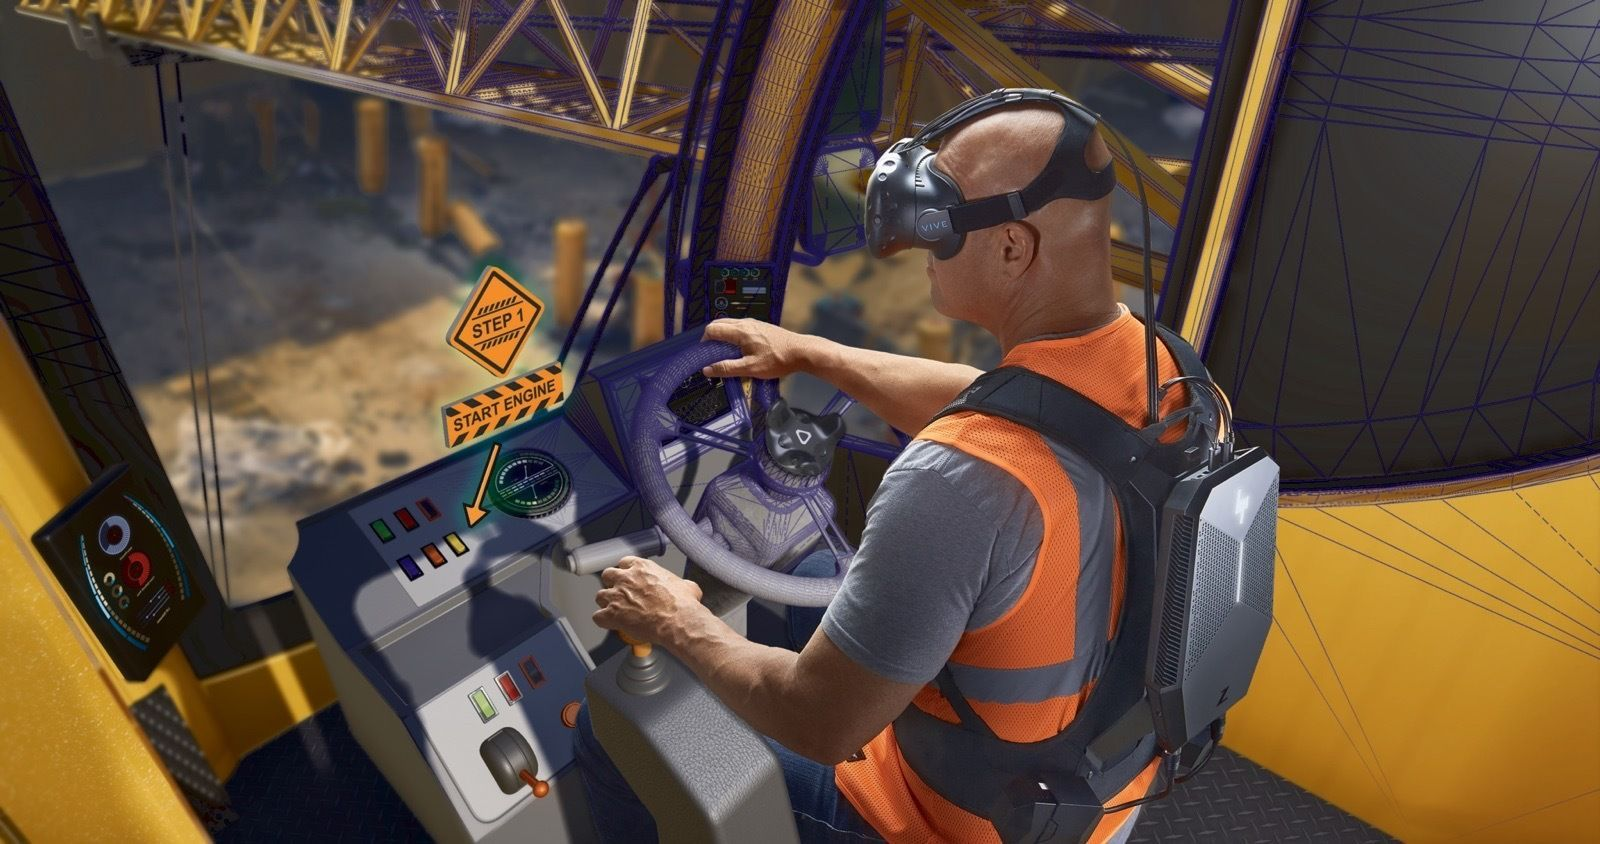 La réalité virtuelle et ses usages : non, il n'y a pas que le gaming